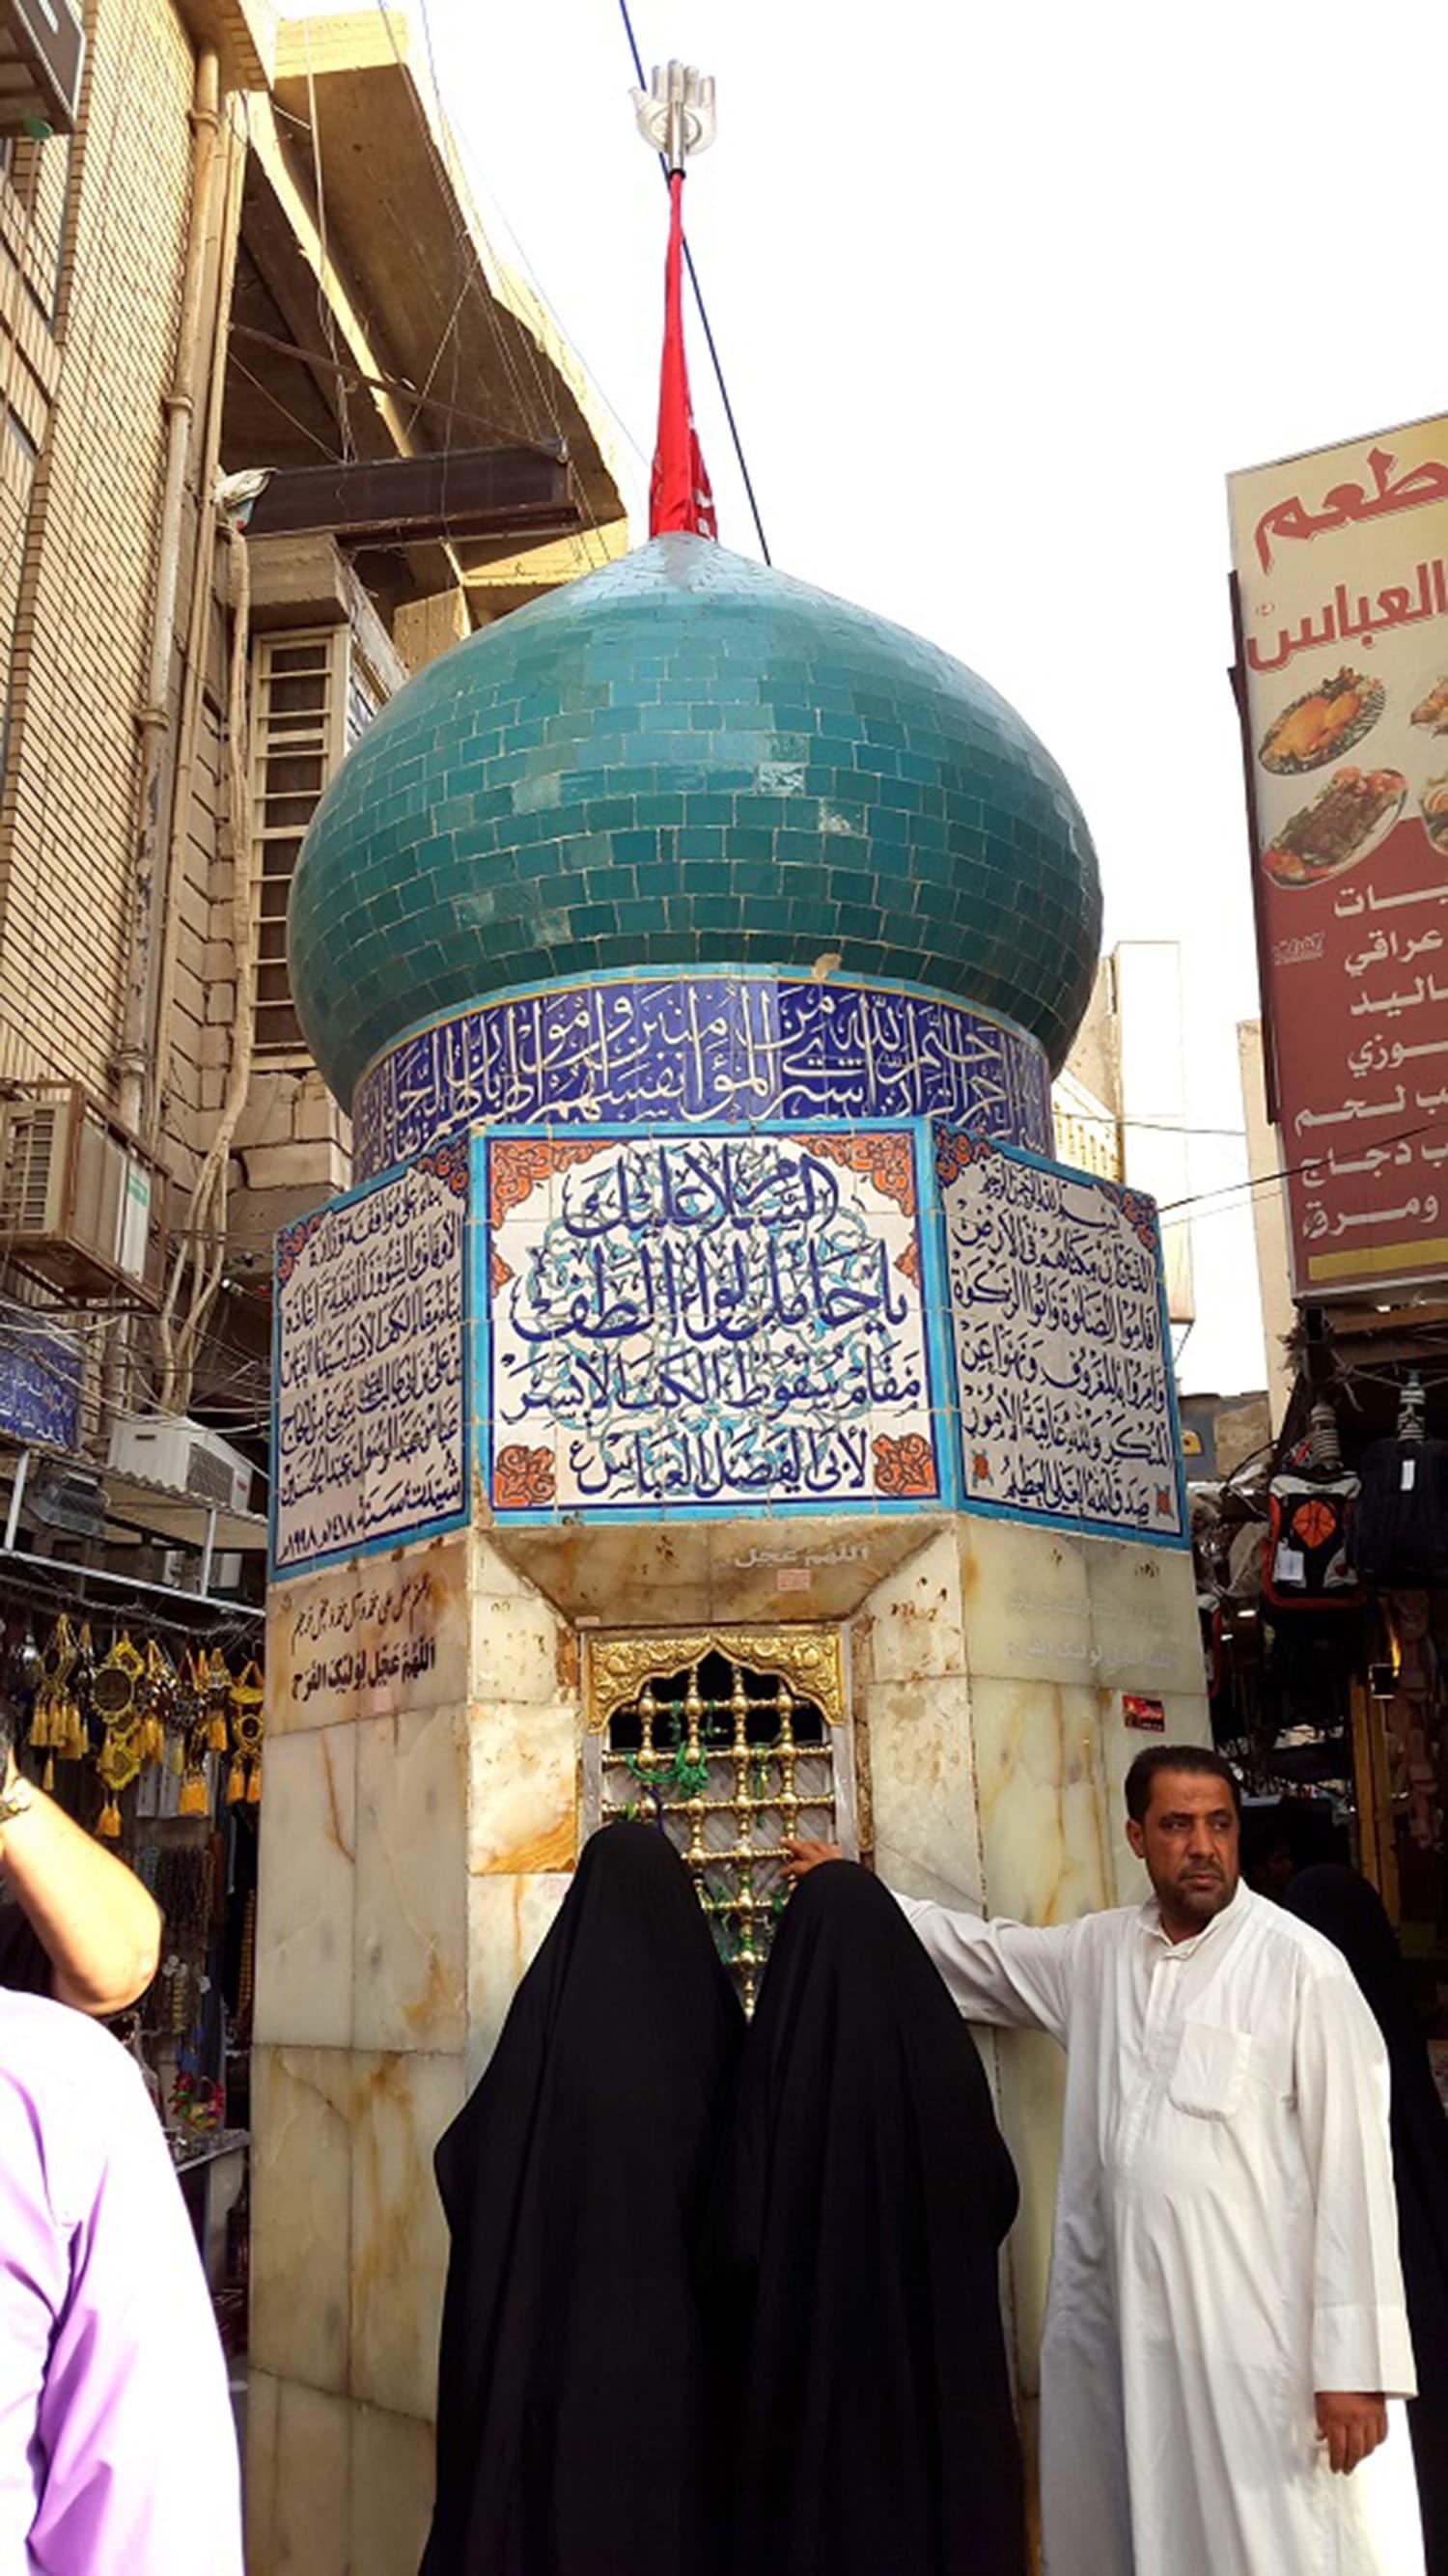 امام حسین رضی اللہ عنہ اور حضرت عباس رضی اللہ عنہ کی قبروں پر خواتین زائر بھی اتنی ہی تعداد میں نظر آتی ہیں